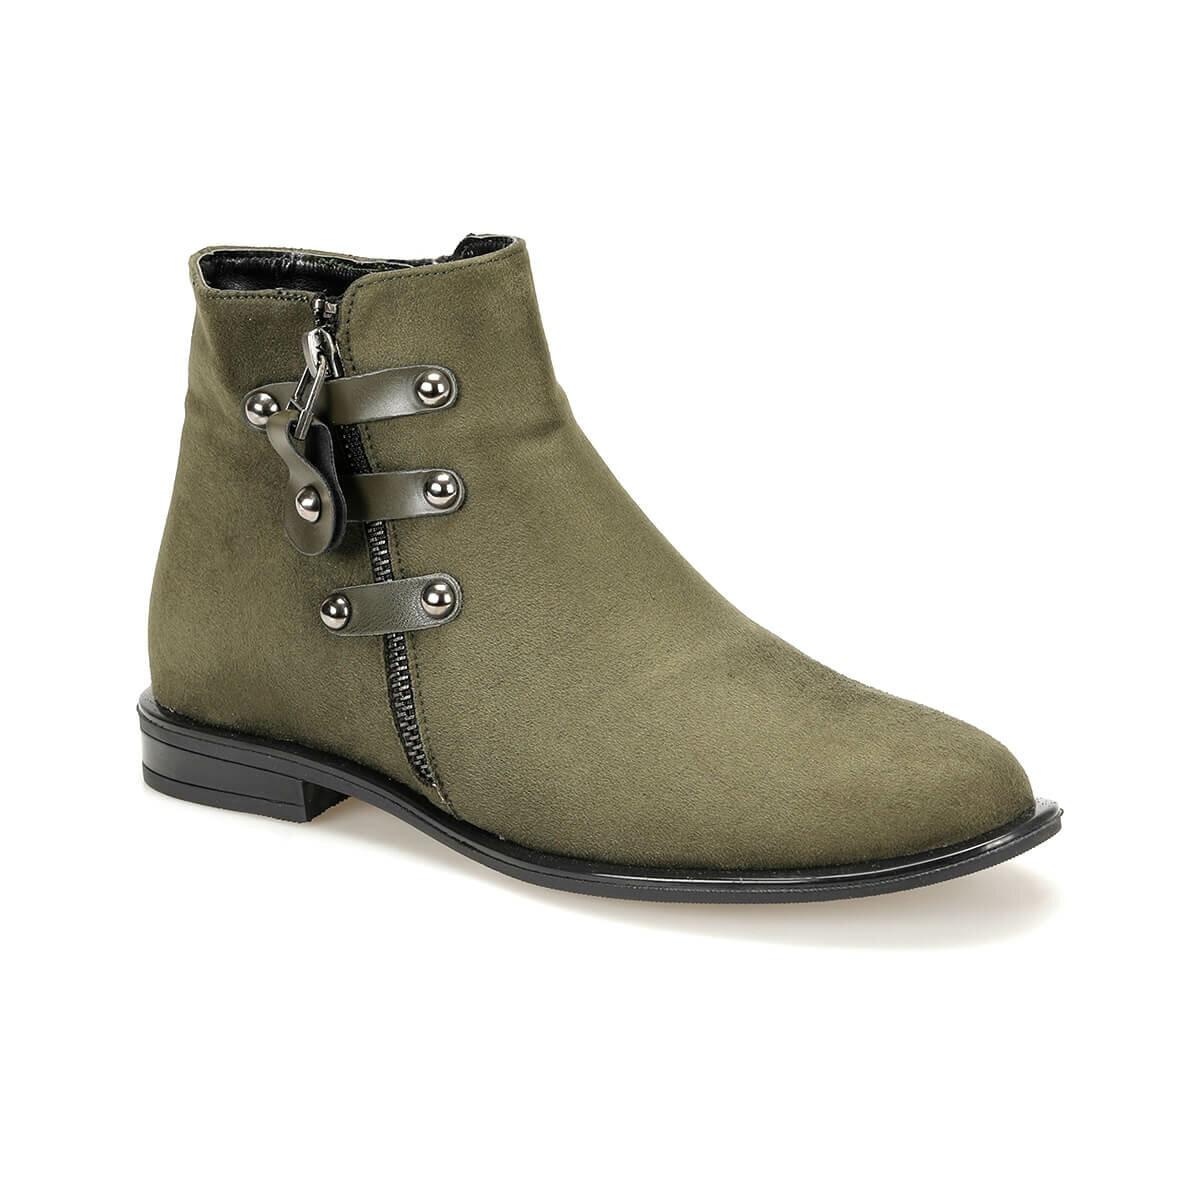 FLO CROW56Z SUEDE Khaki Women 'S Boots BUTIGO